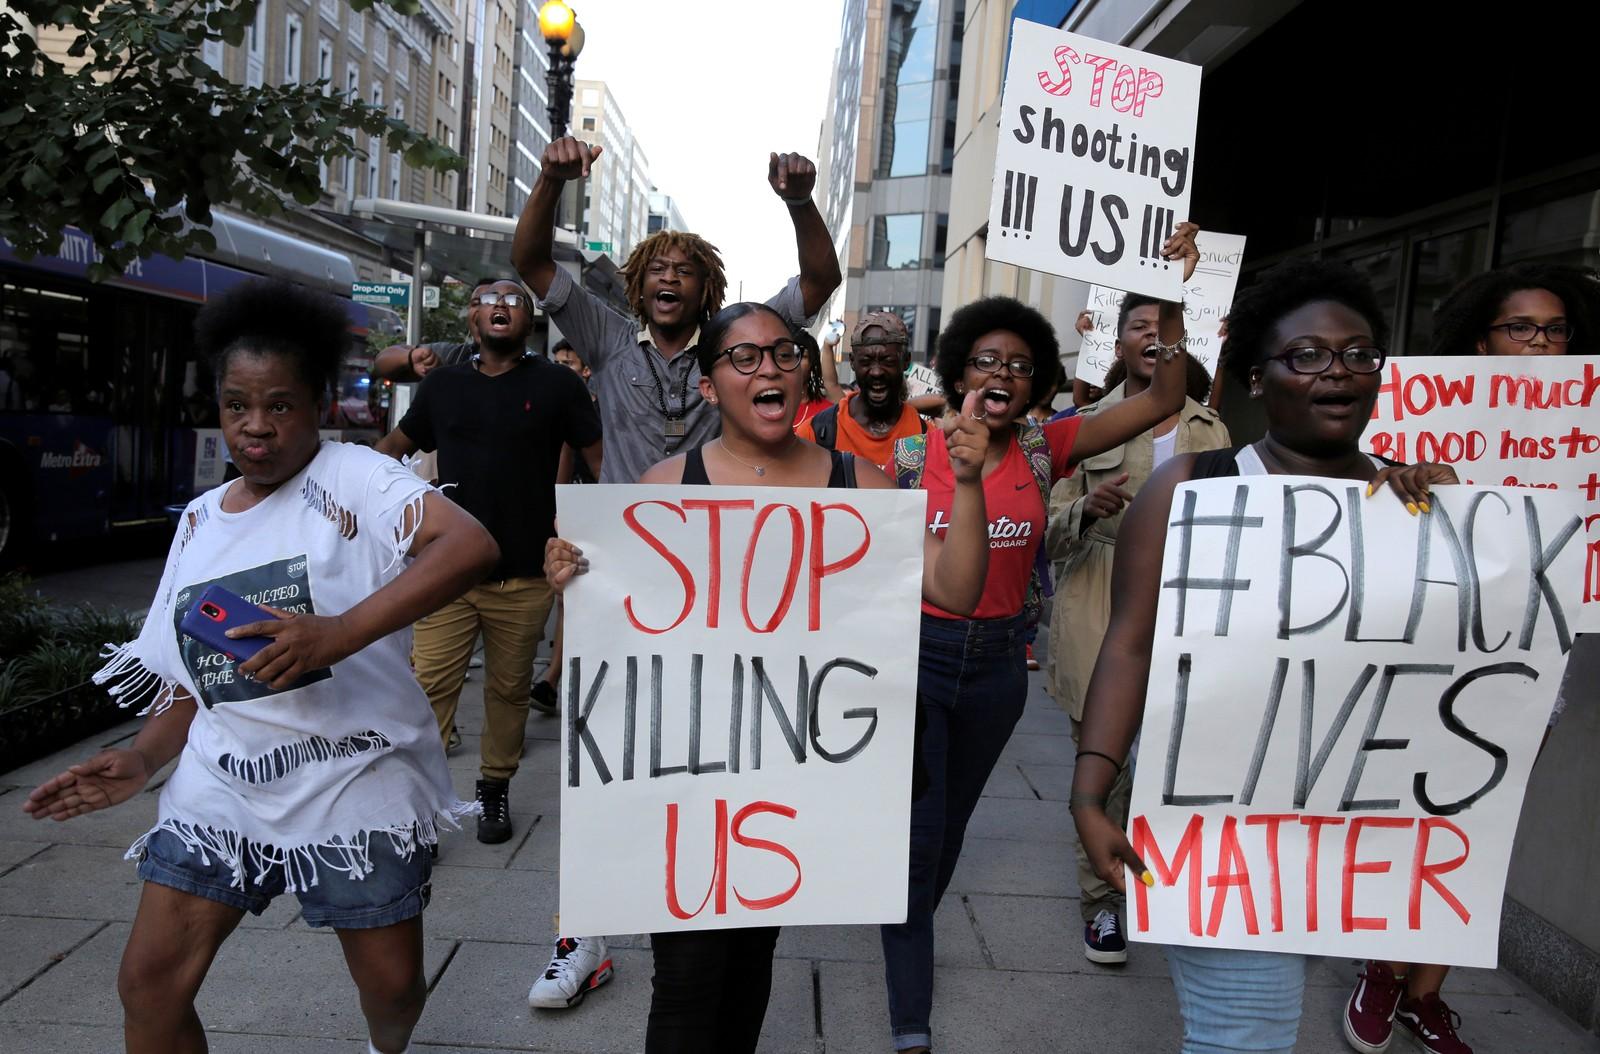 WASHINGTON D.C.: I snitt dreper amerikansk politi tre mennesker hvert døgn. Svarte er overrepresentert. Det var flere demonstrasjoner i USA i går mot politivold, her fra Black Lives Matter-demonstrasjonen i Washington D.C.